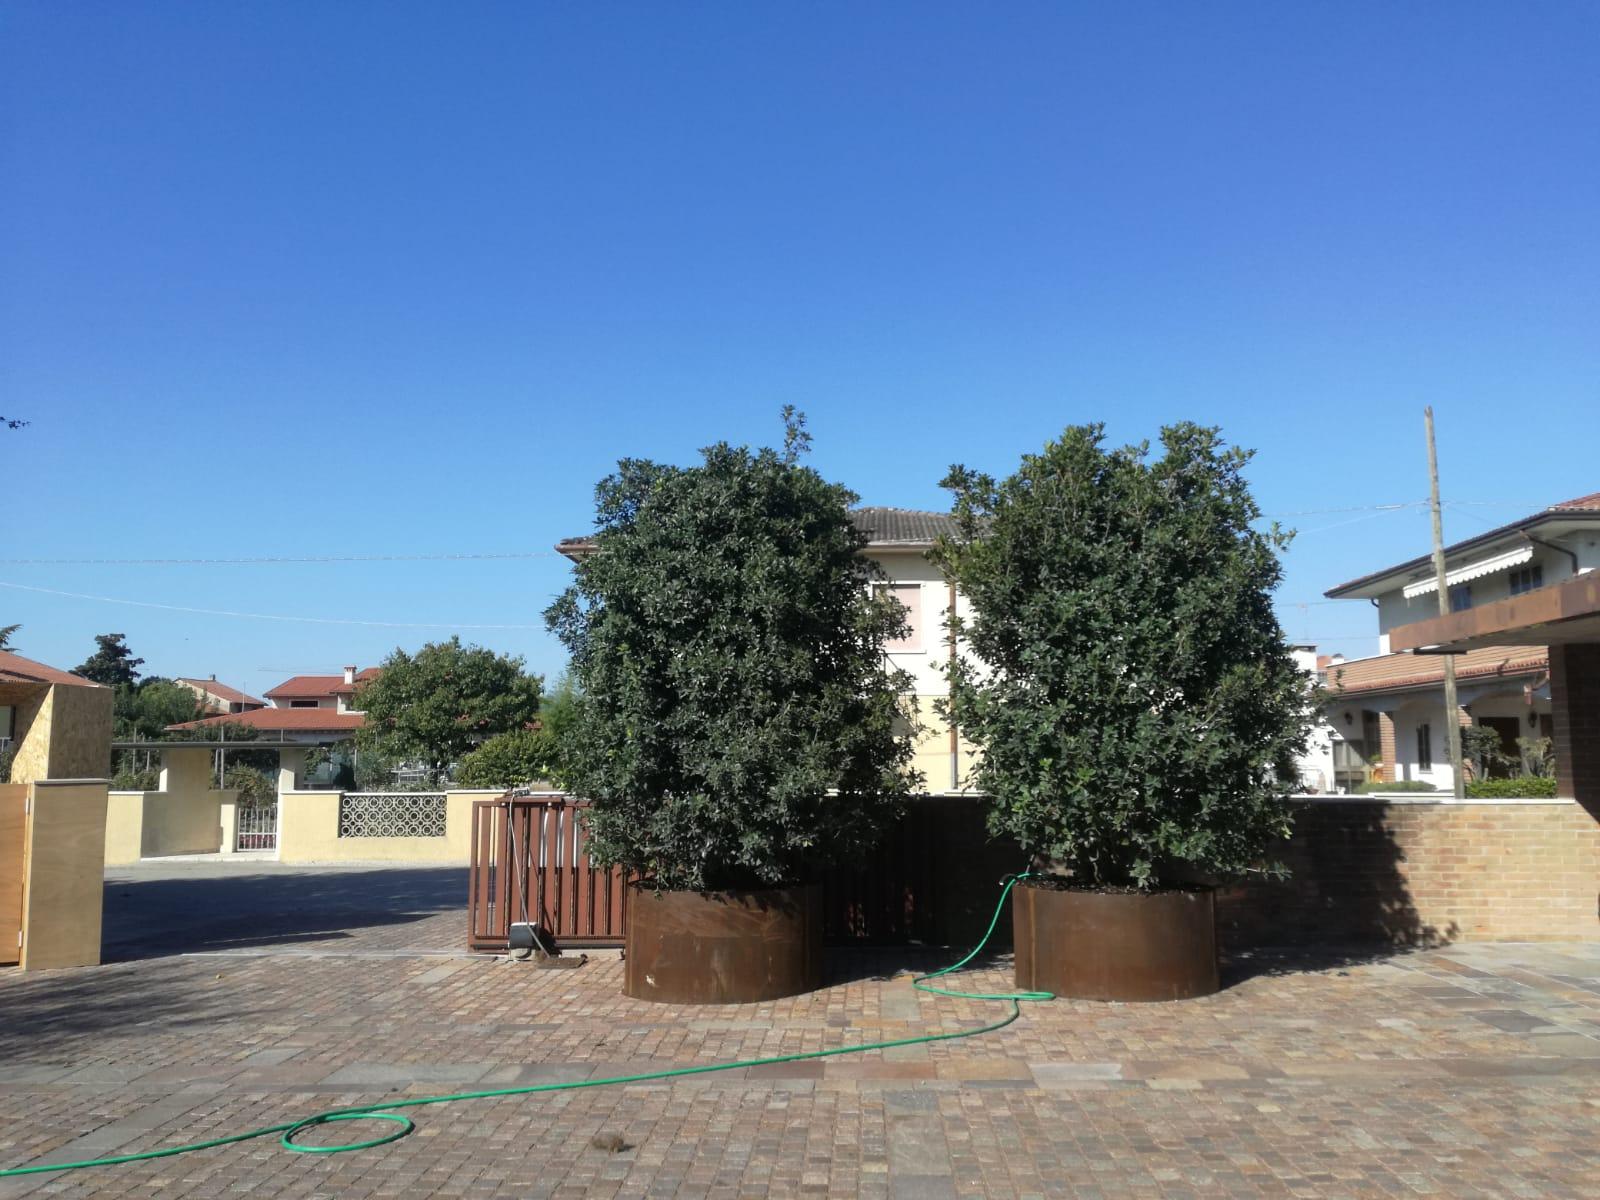 progettazione realizzazione giardini sandrigo - verde blu giardini 14